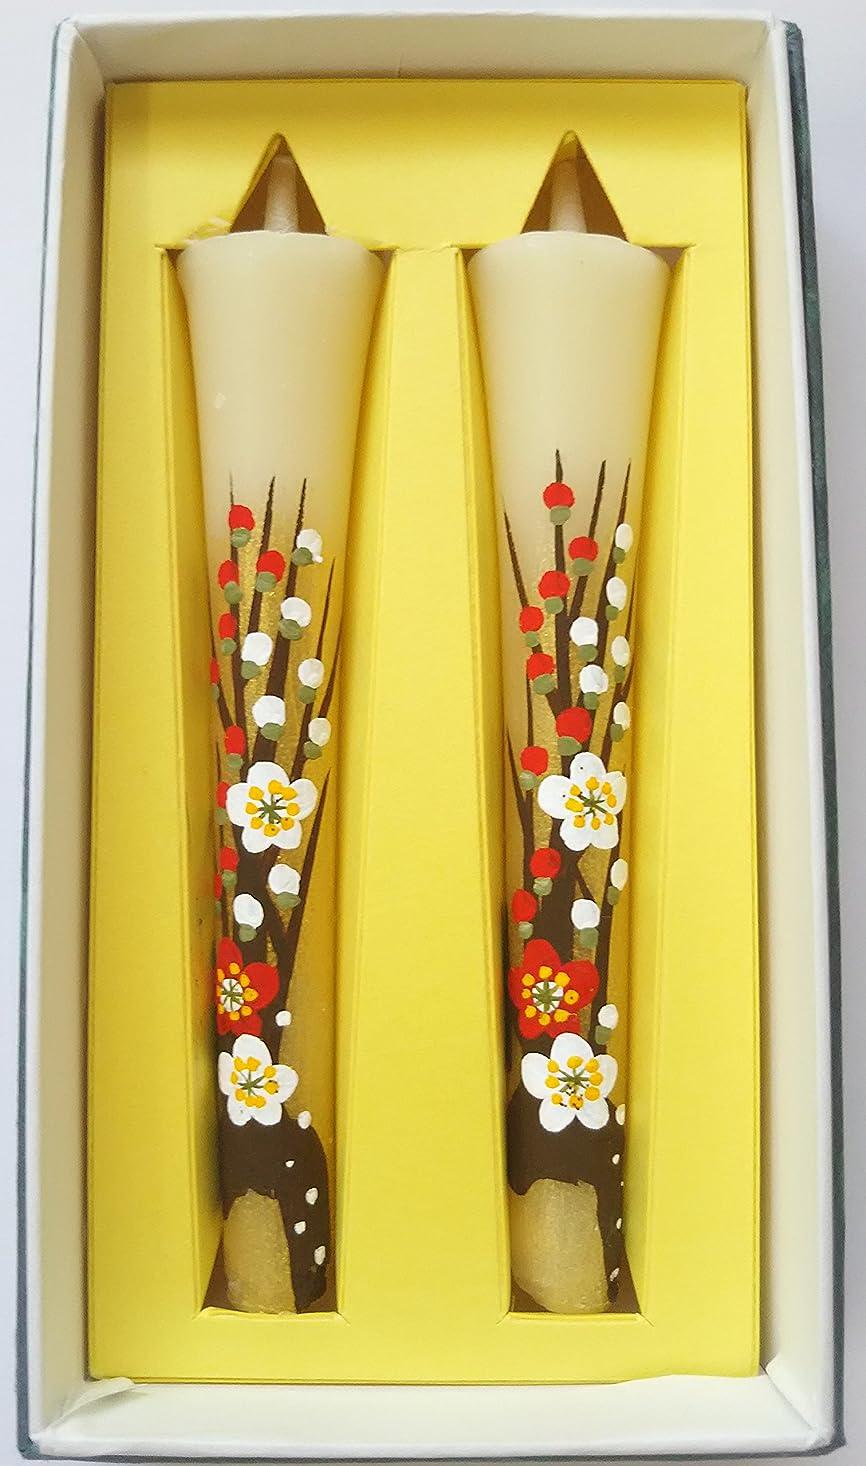 周囲スタッフ絶妙花ろうそく 梅 絵ろうそく ウメ 手書き 2本入り 和ろうそく 日本製品 仏壇用 ギフト 贈り物 #3052